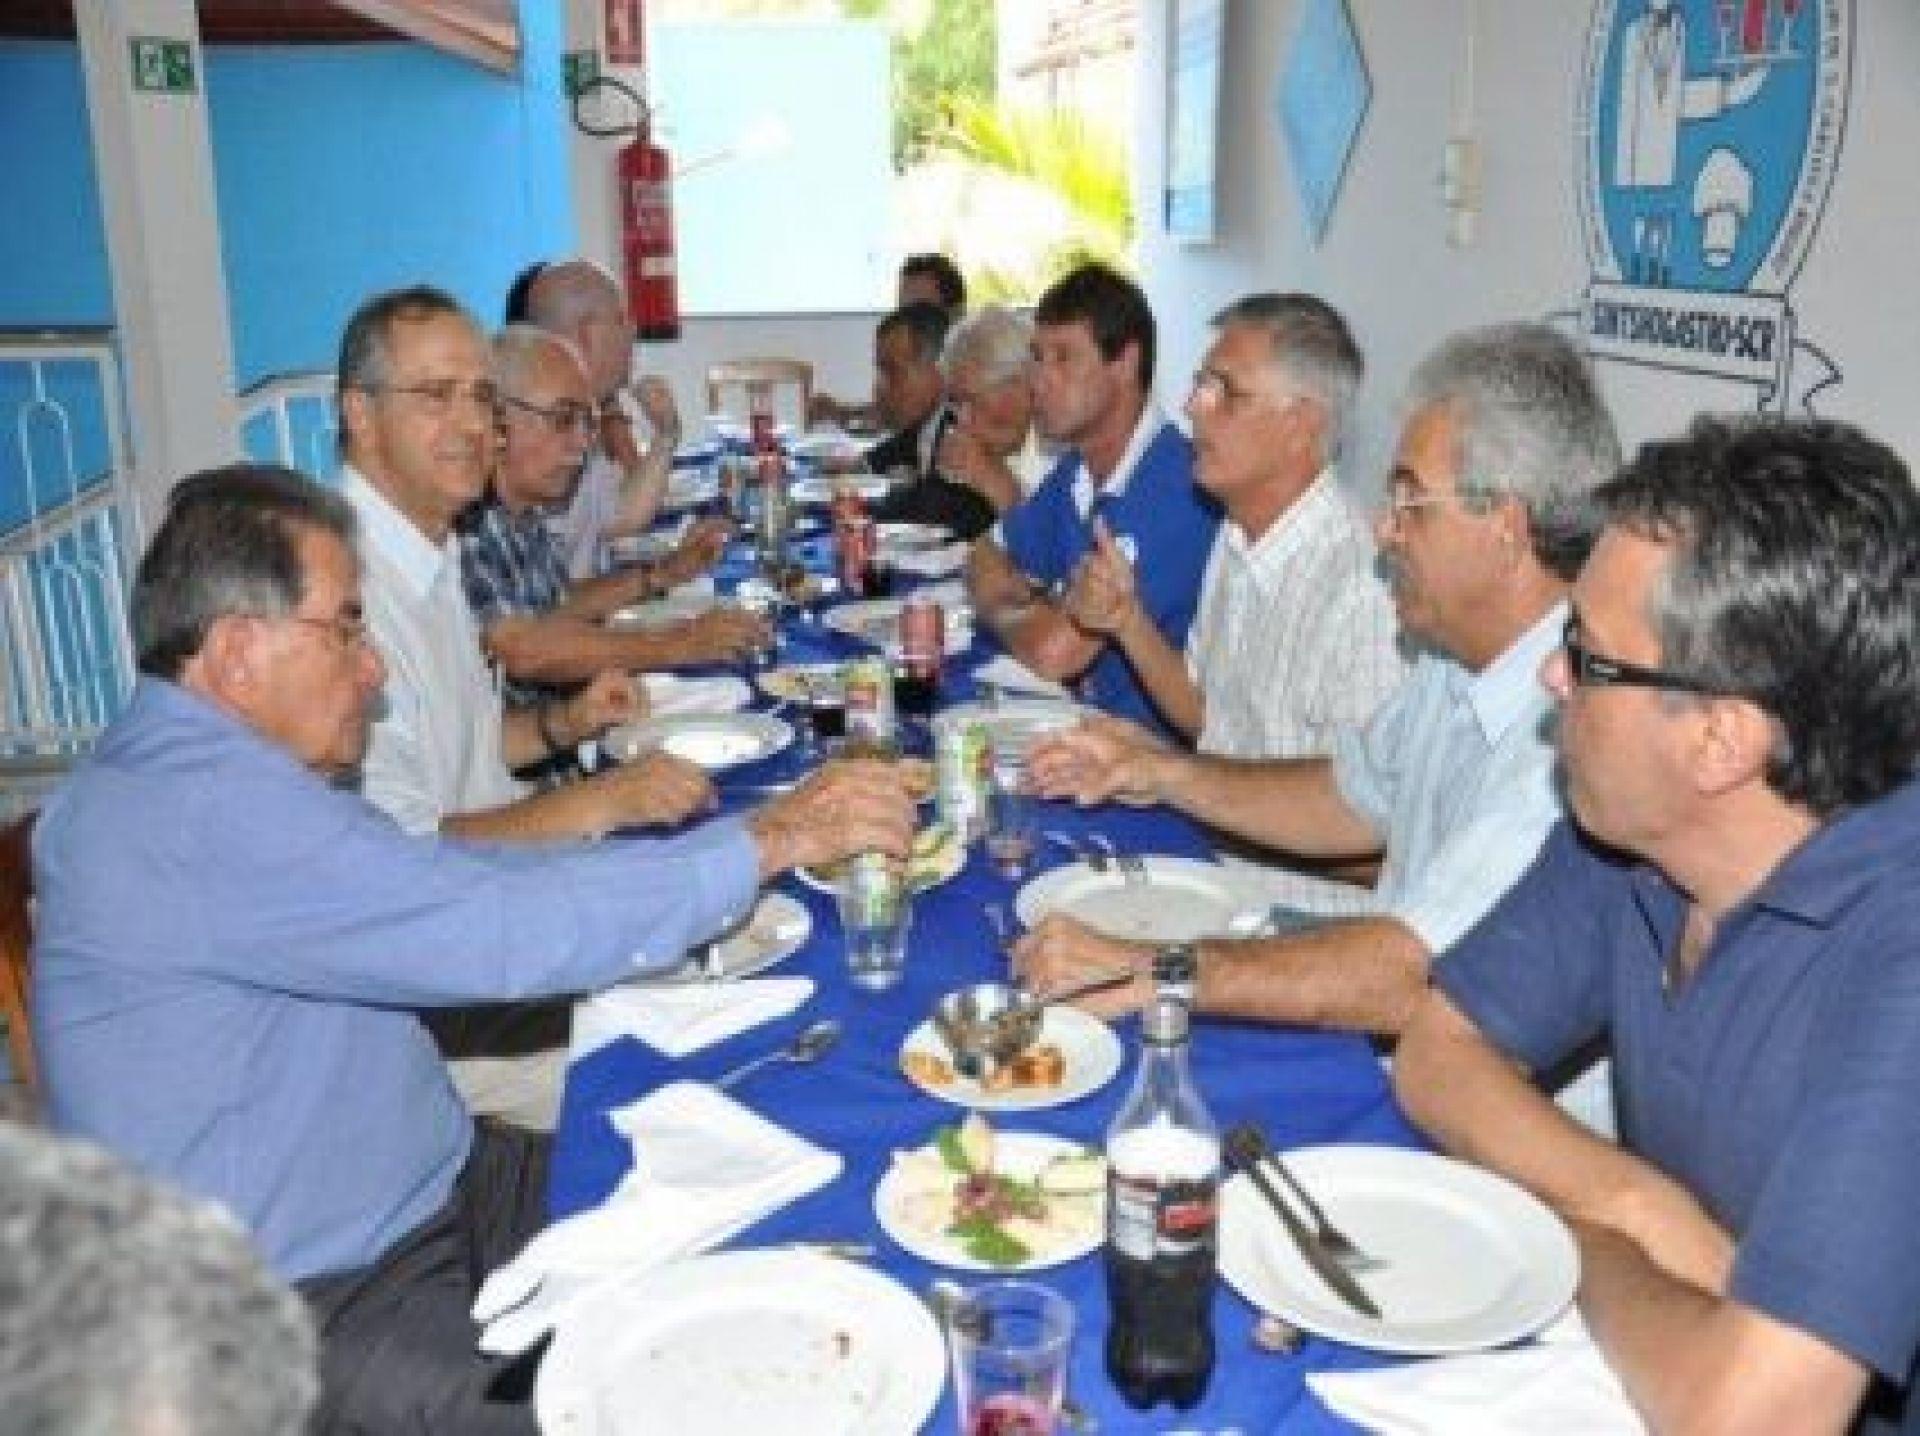 Almoço servido na Escola de Cursos de Gastronomia do Sintshogastro São Carlos